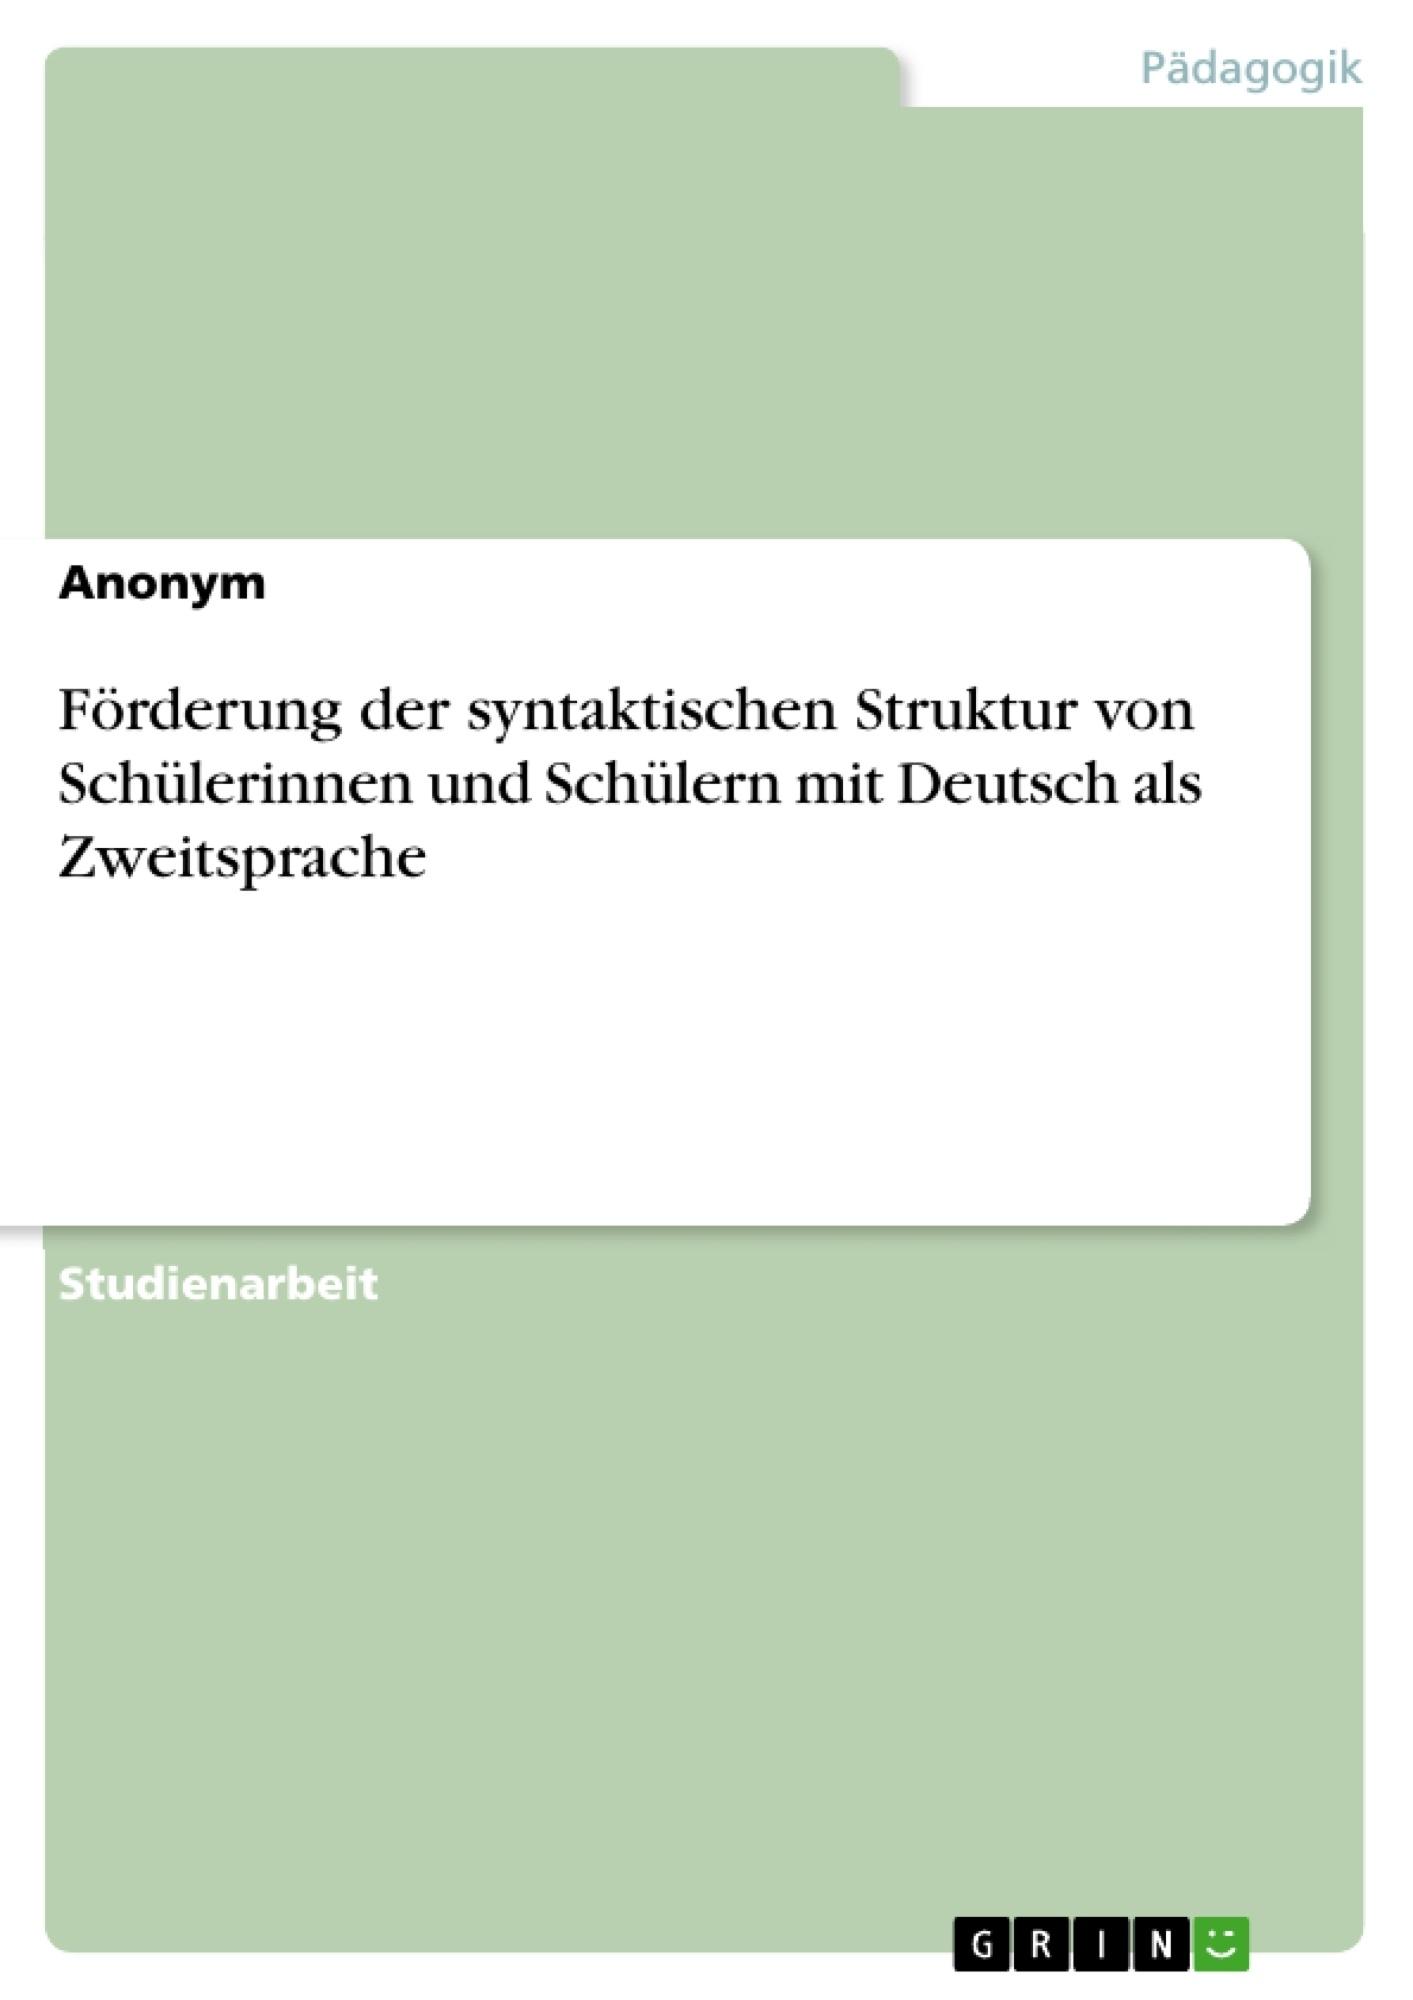 Titel: Förderung der syntaktischen Struktur von Schülerinnen und Schülern mit Deutsch als Zweitsprache